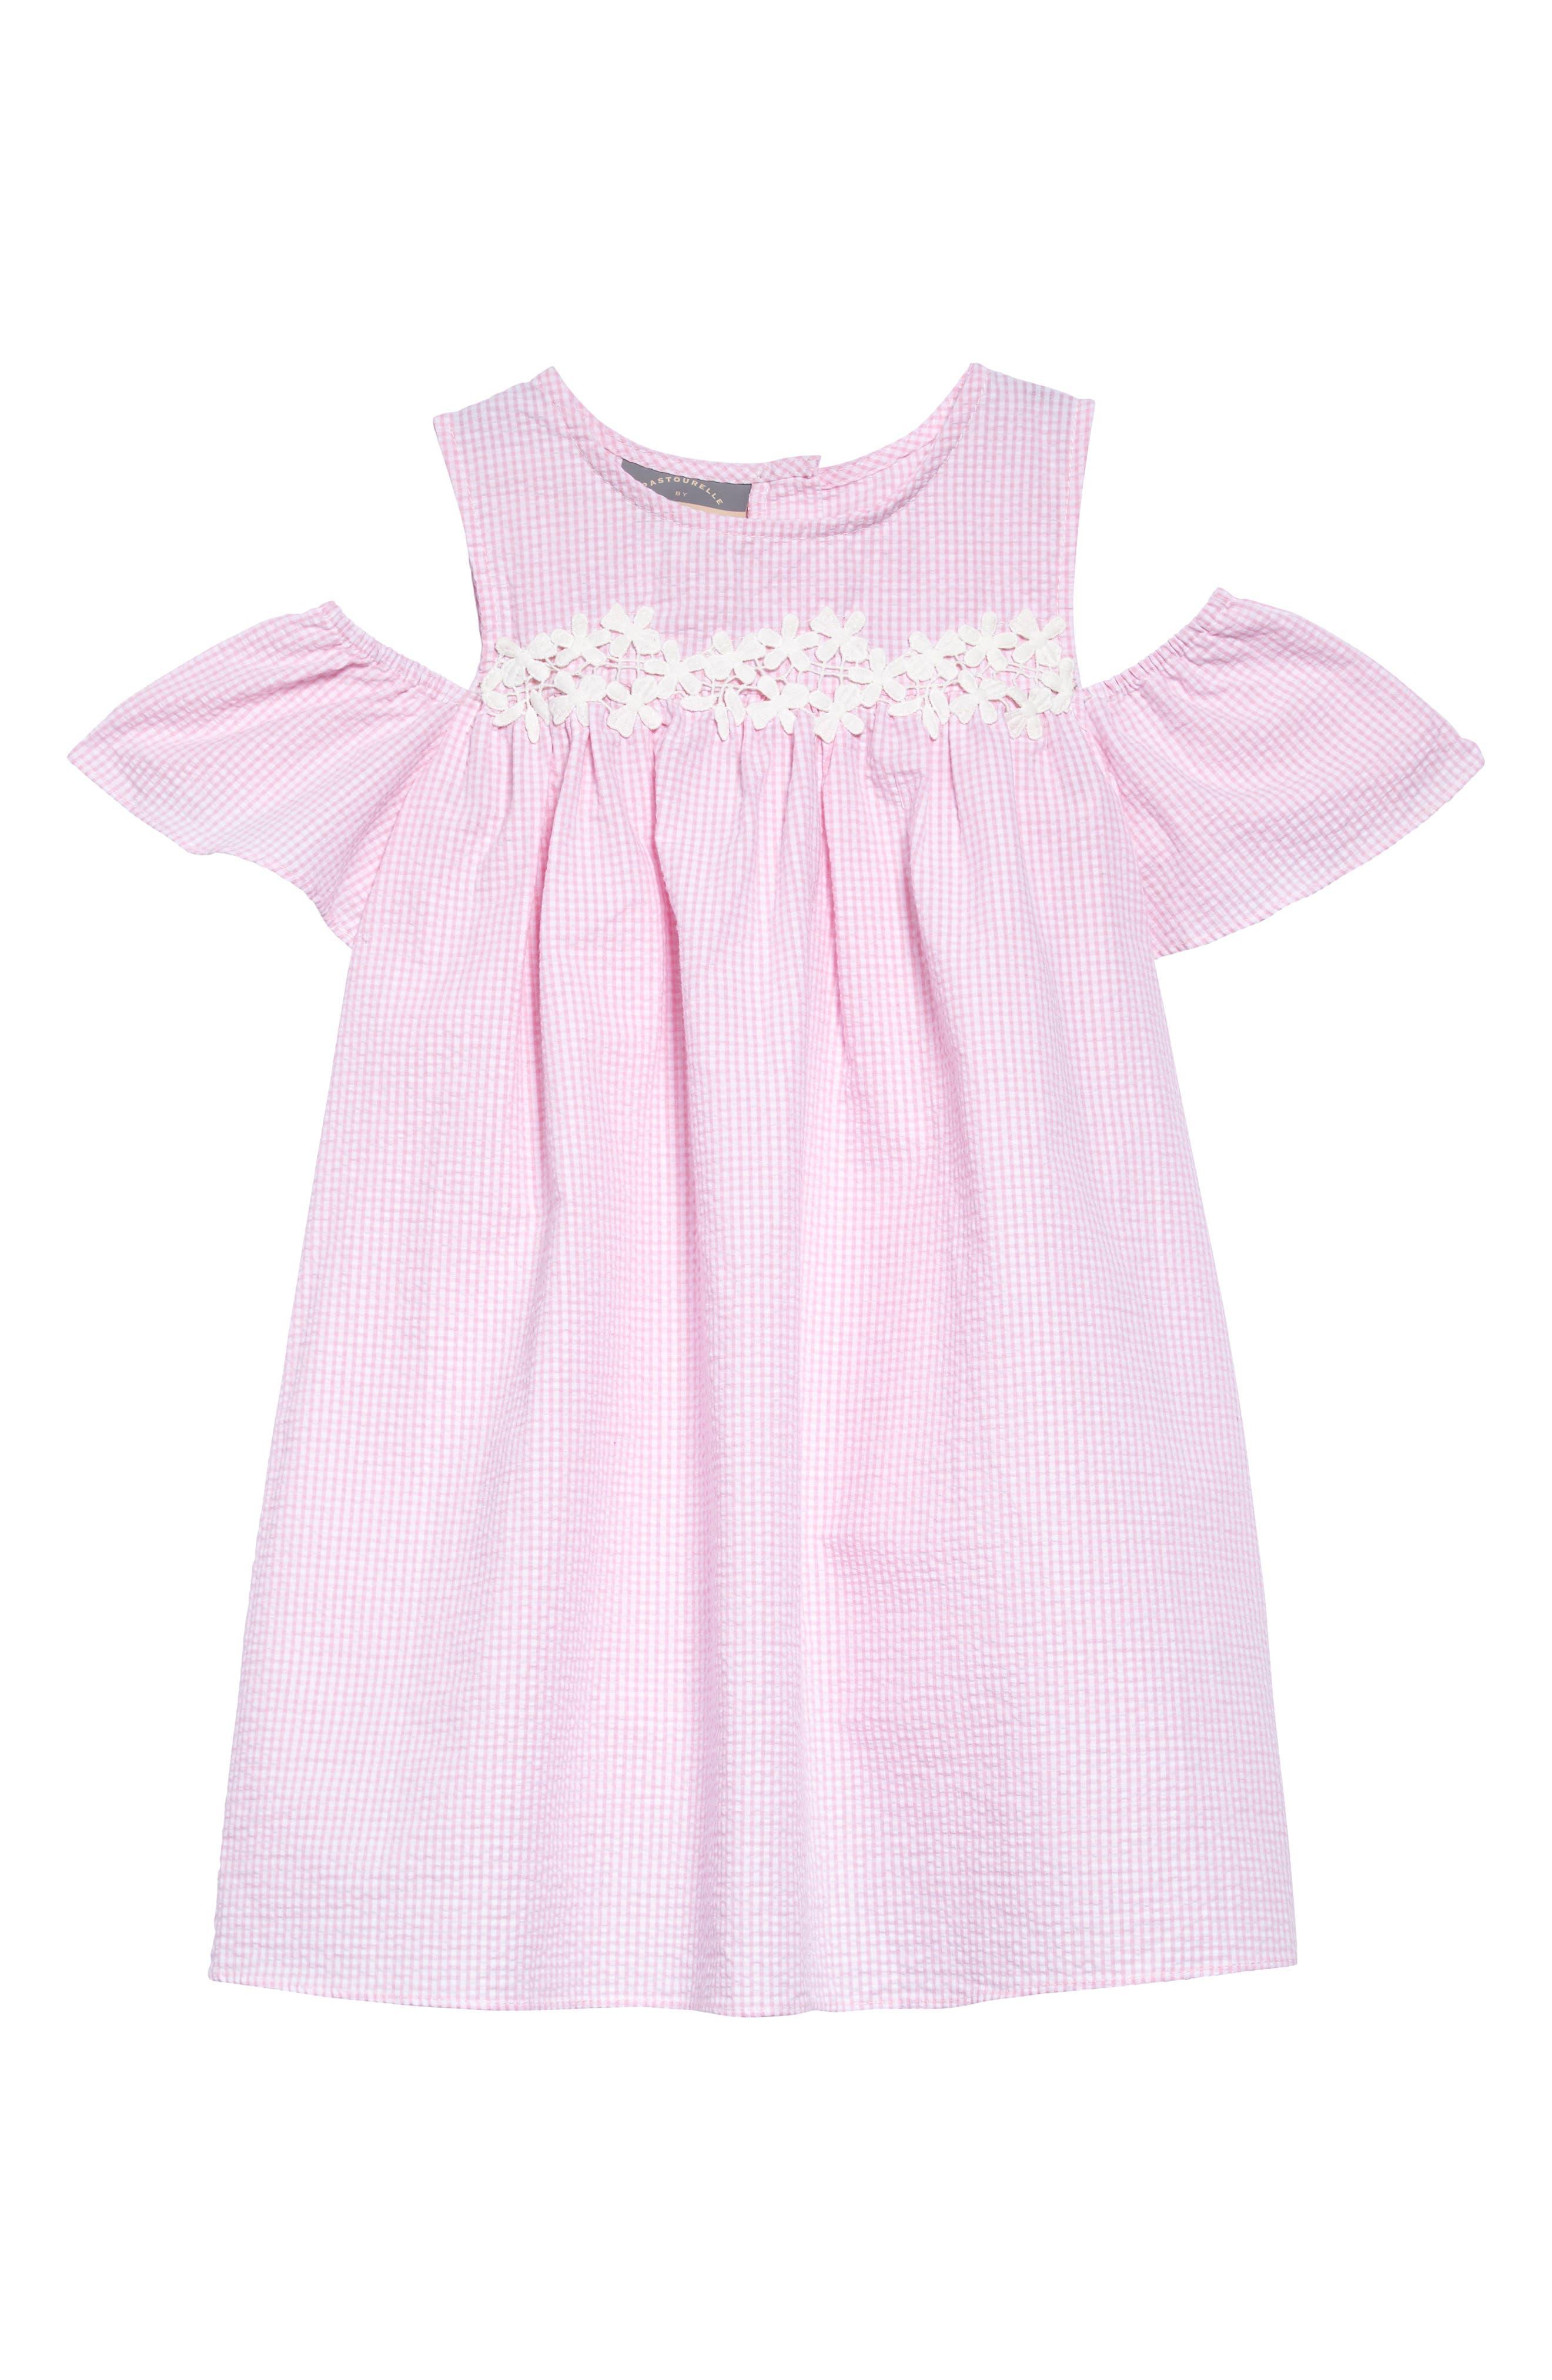 Pastourelle by Pippa & Julie Cold Shoulder Dress (Toddler Girls, Little Girls & Big Girls)